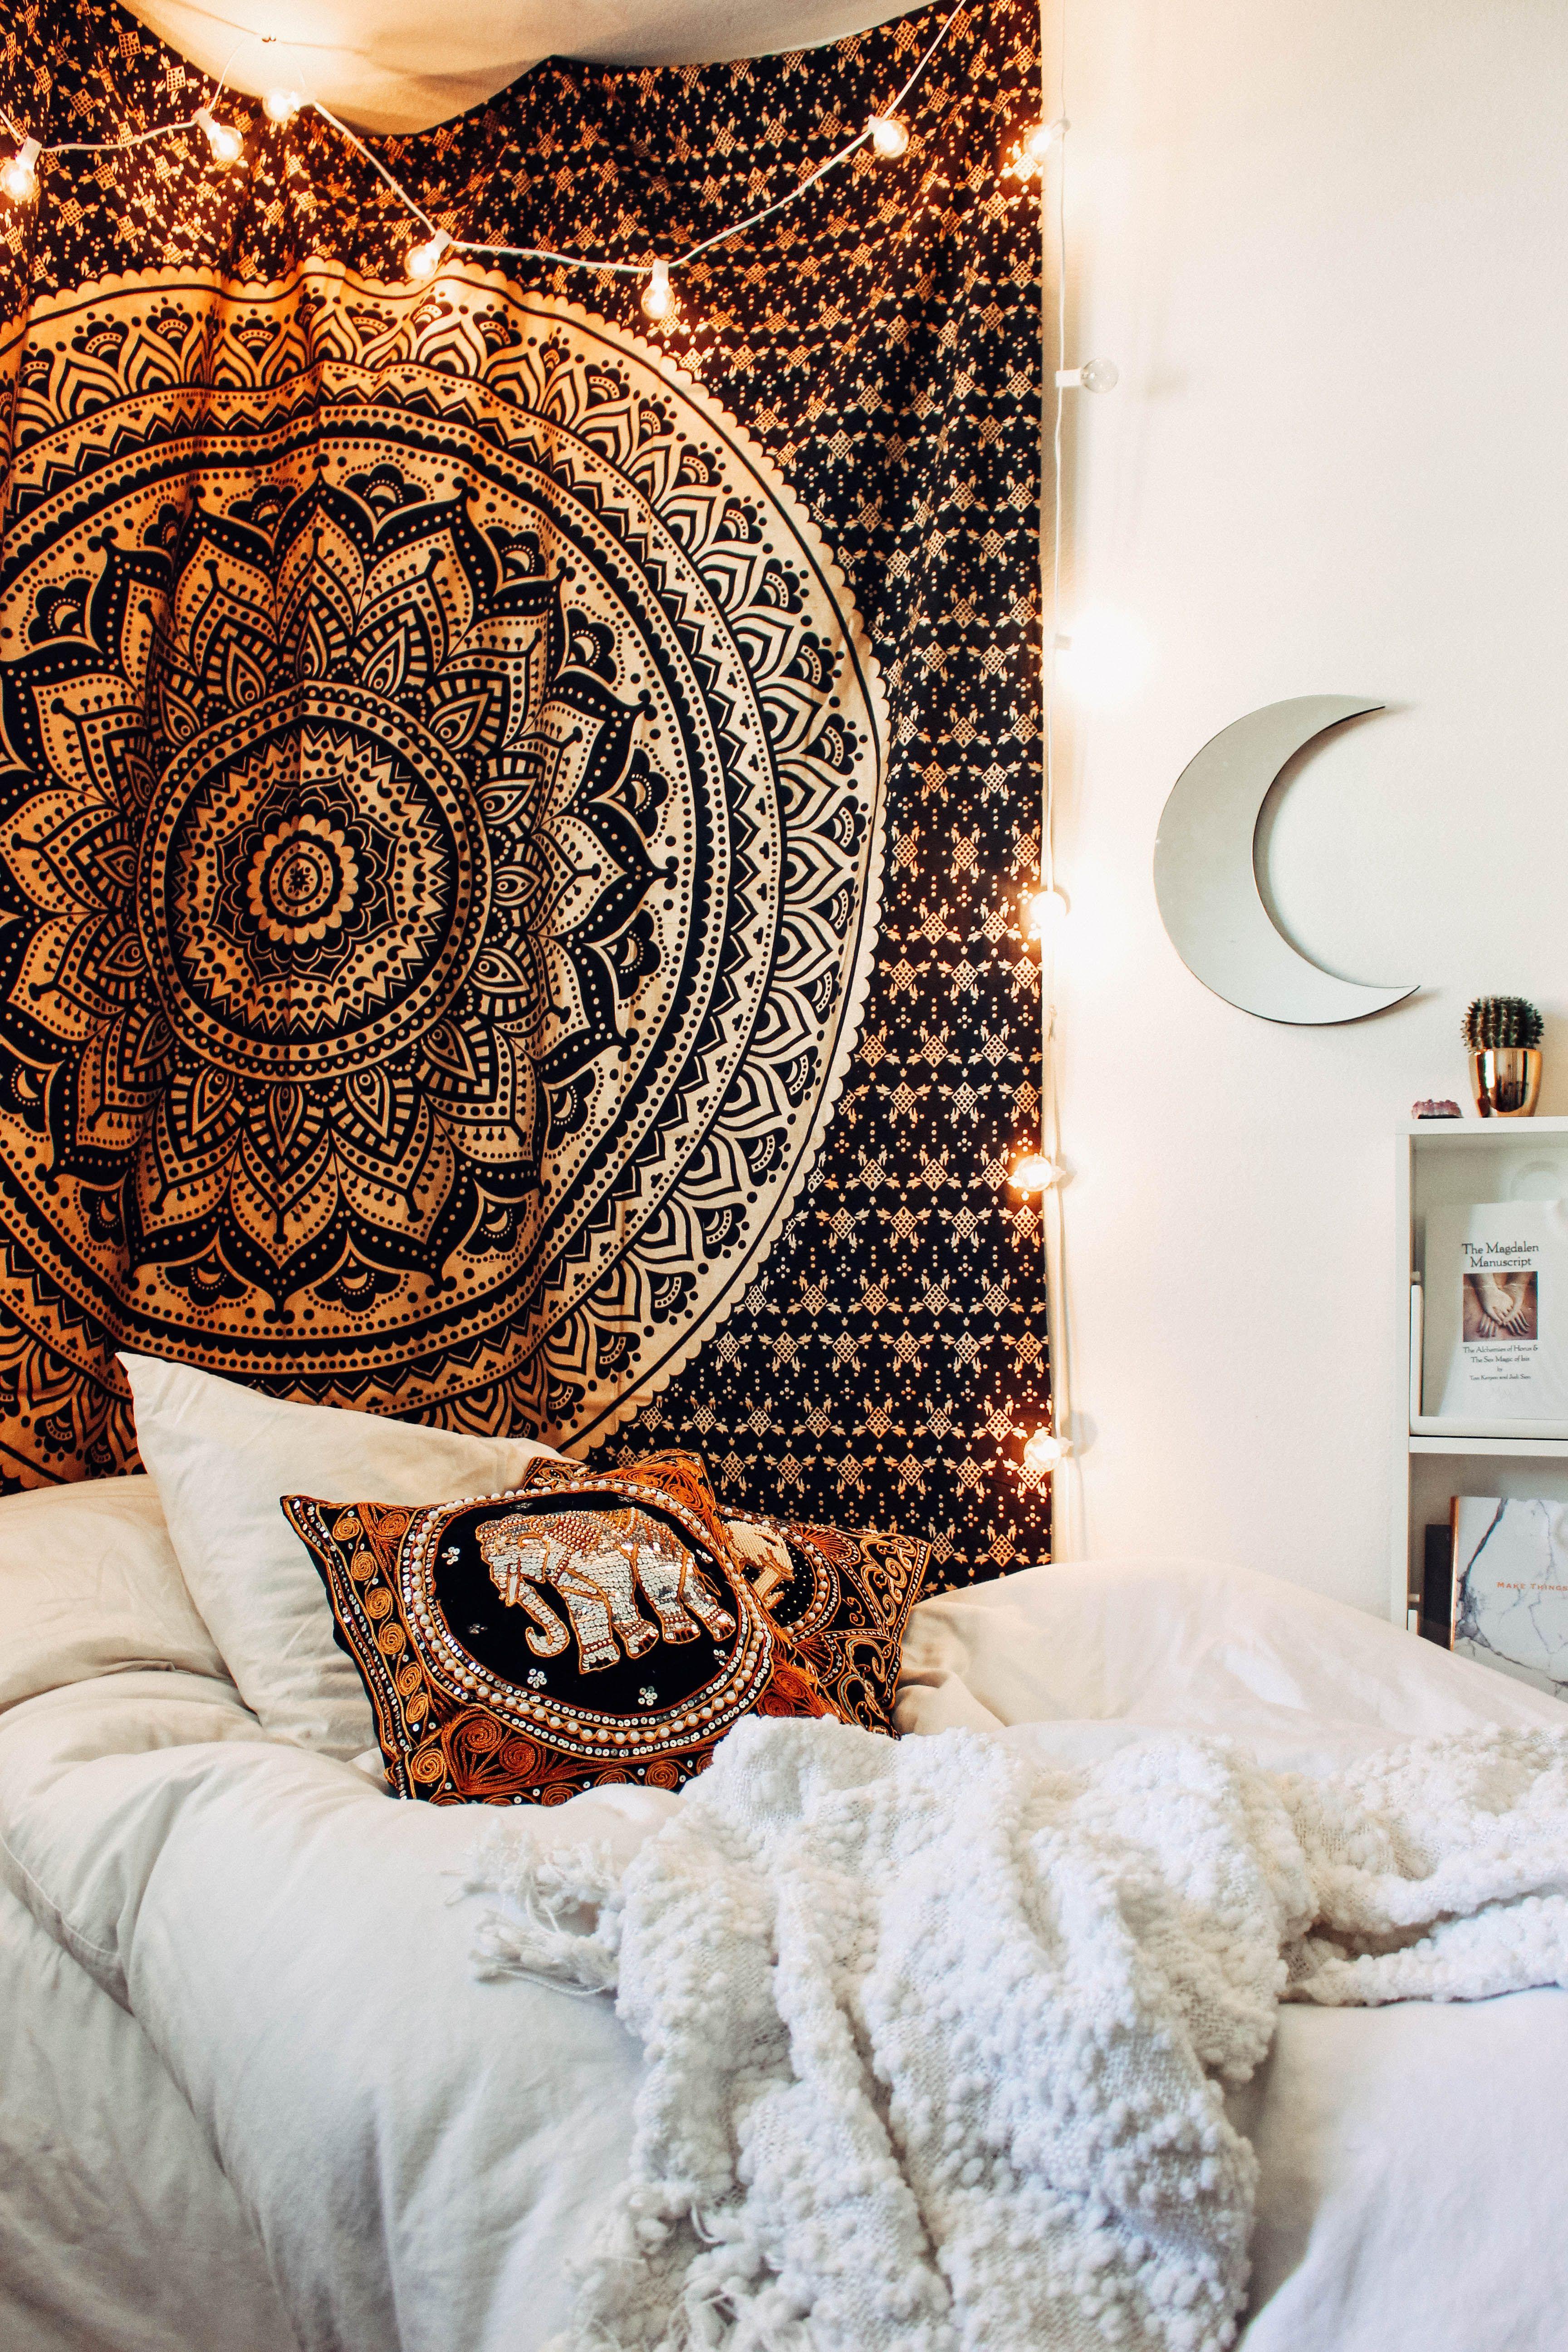 Queen ♛ Lady Scorpio Mandala Tapestries ♡ Ladyscorpio16.com